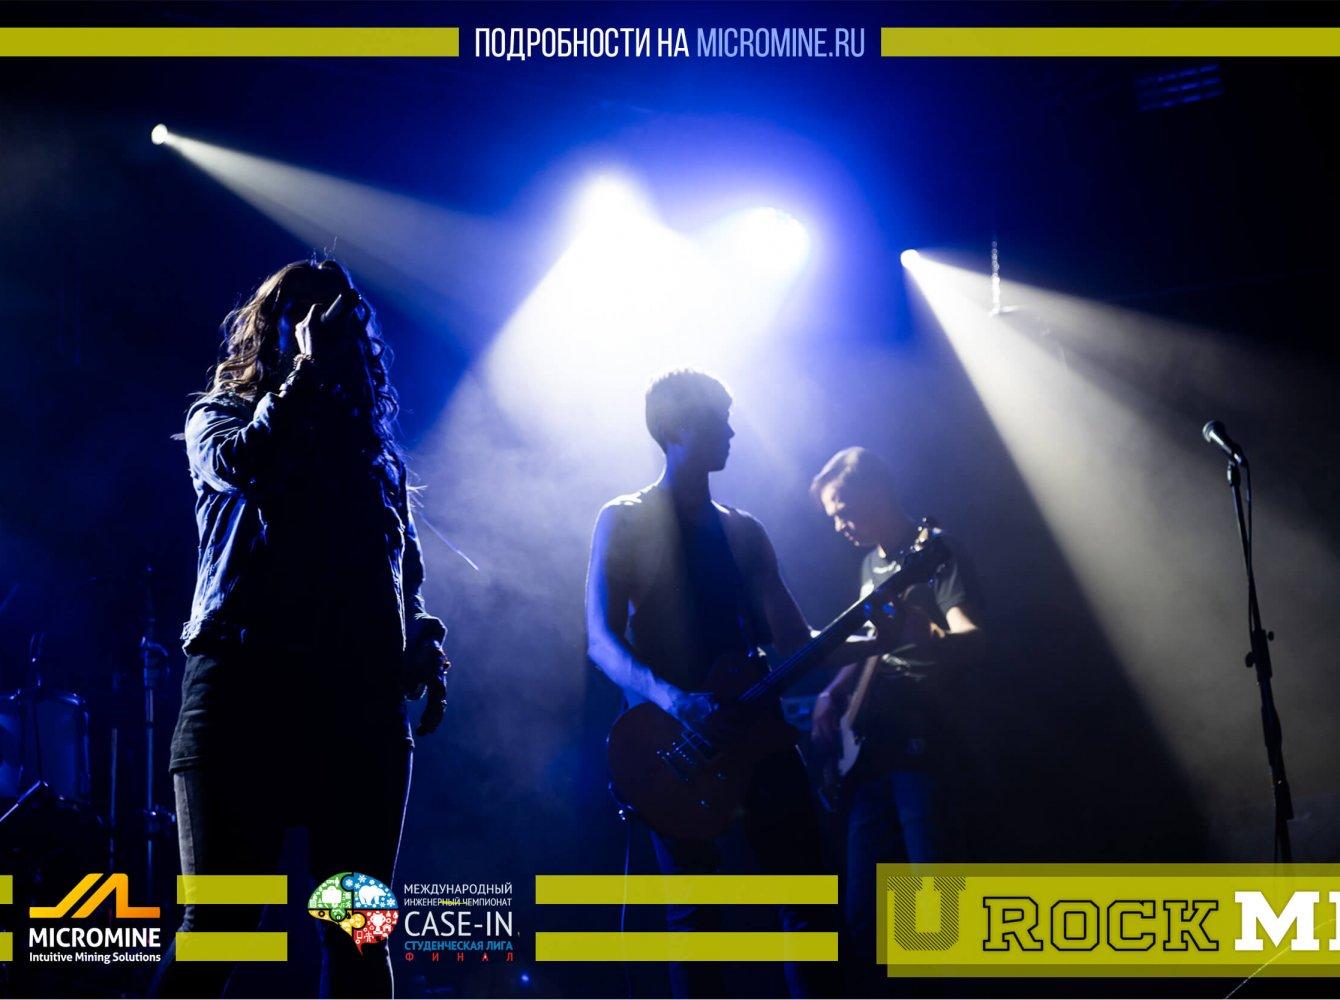 DSC06503_logo